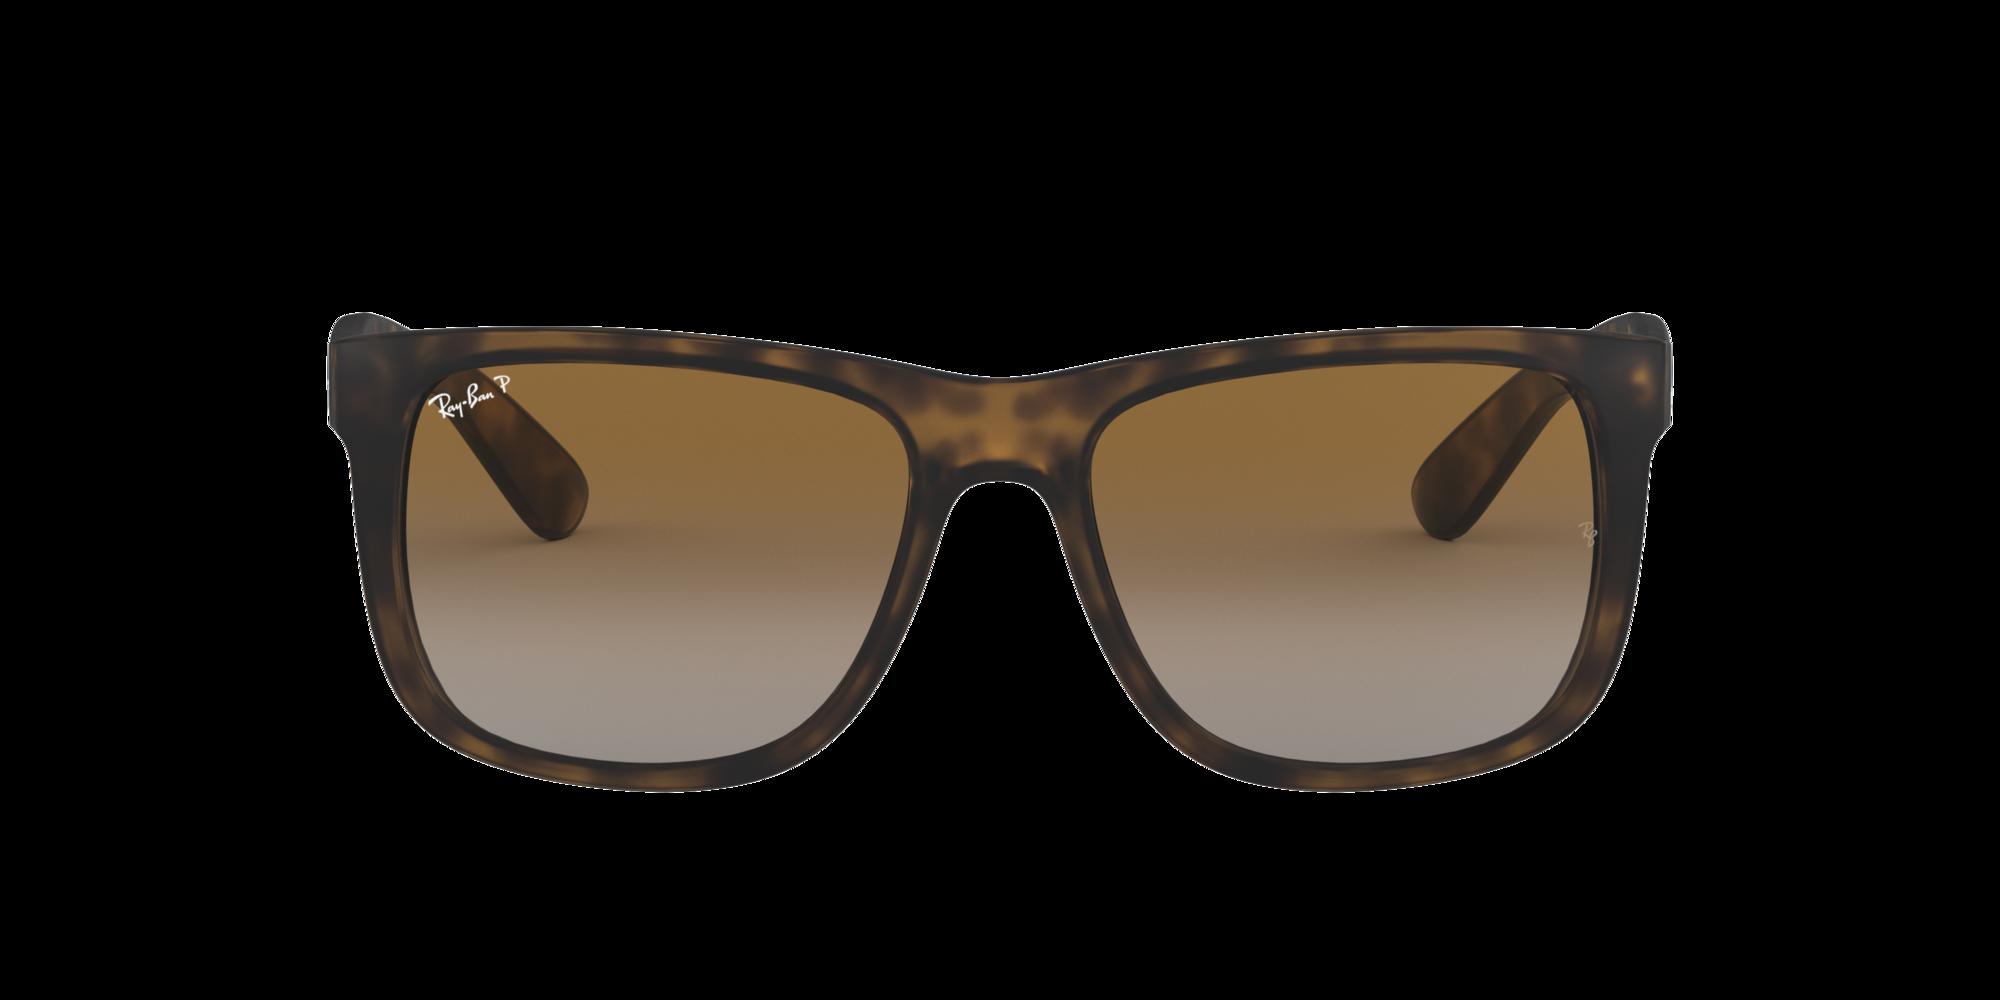 Imagen para RB4165 55 JUSTIN de LensCrafters |  Espejuelos, espejuelos graduados en línea, gafas